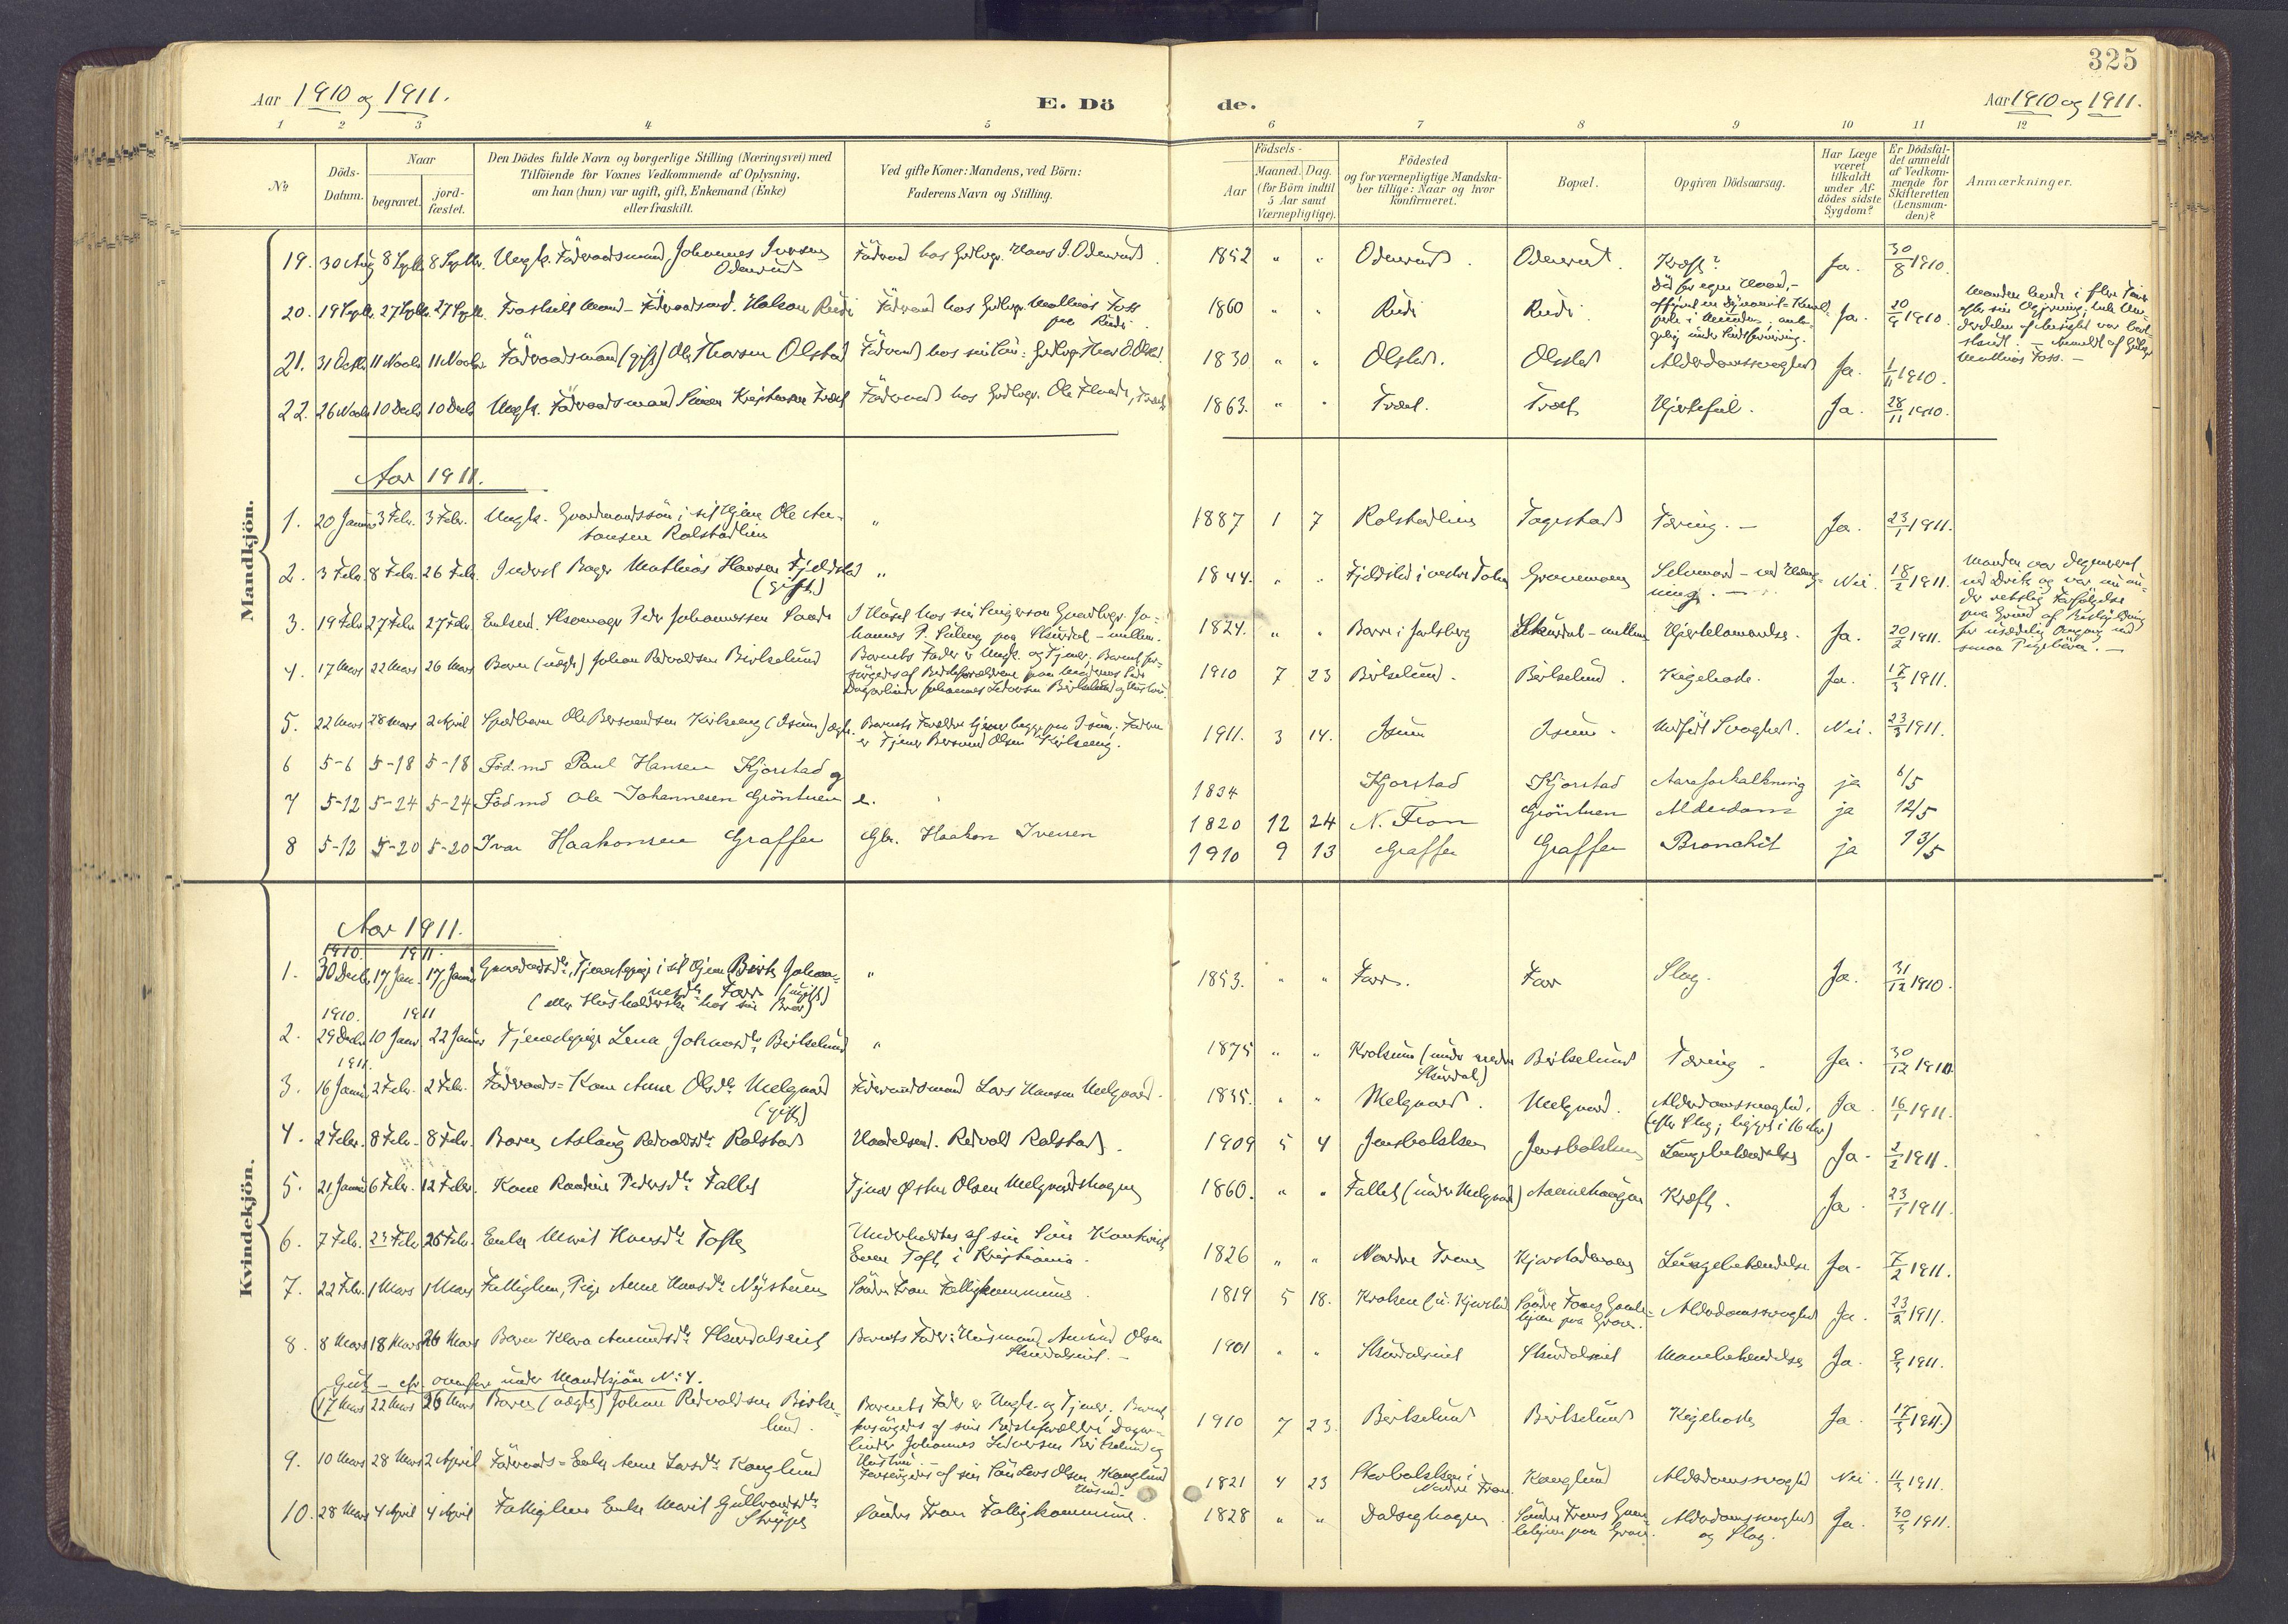 SAH, Sør-Fron prestekontor, H/Ha/Haa/L0004: Ministerialbok nr. 4, 1898-1919, s. 325